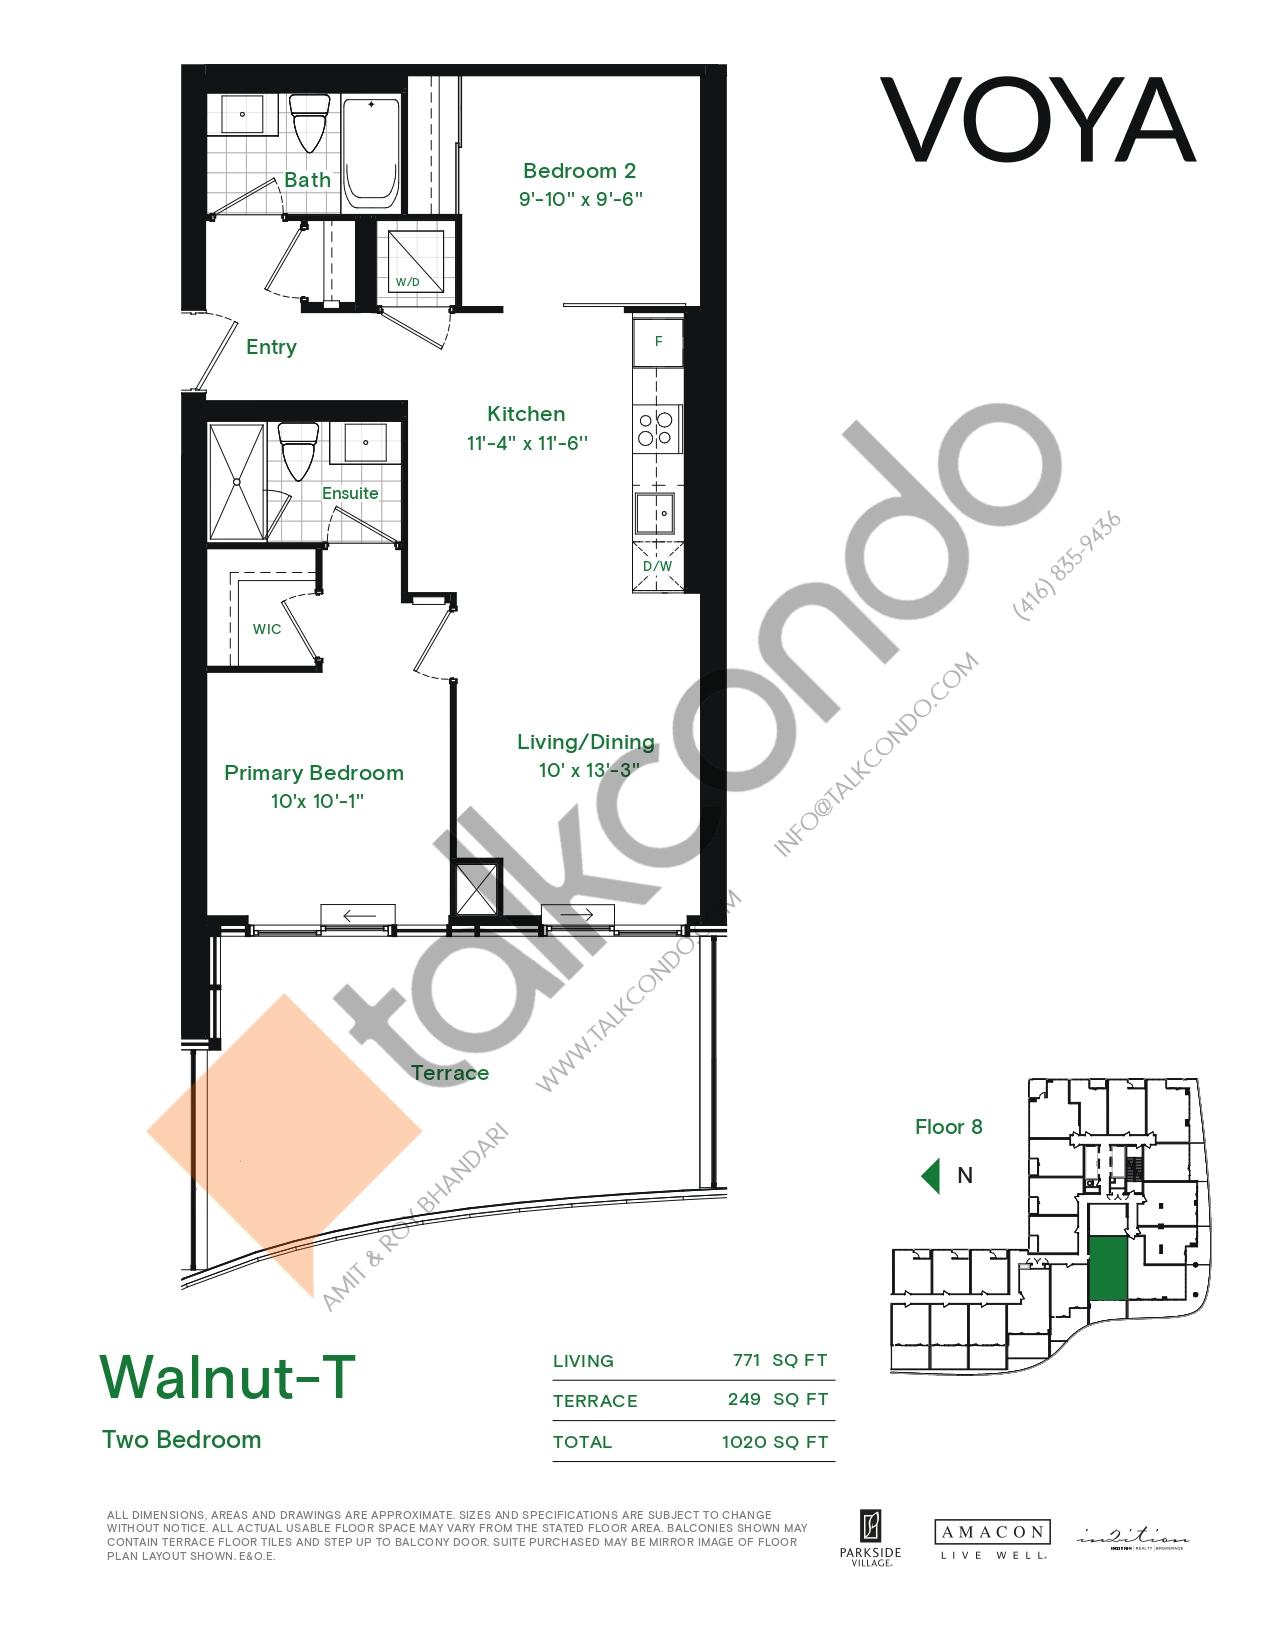 Walnut-T (Podium) Floor Plan at Voya at Parkside Village Condos - 771 sq.ft